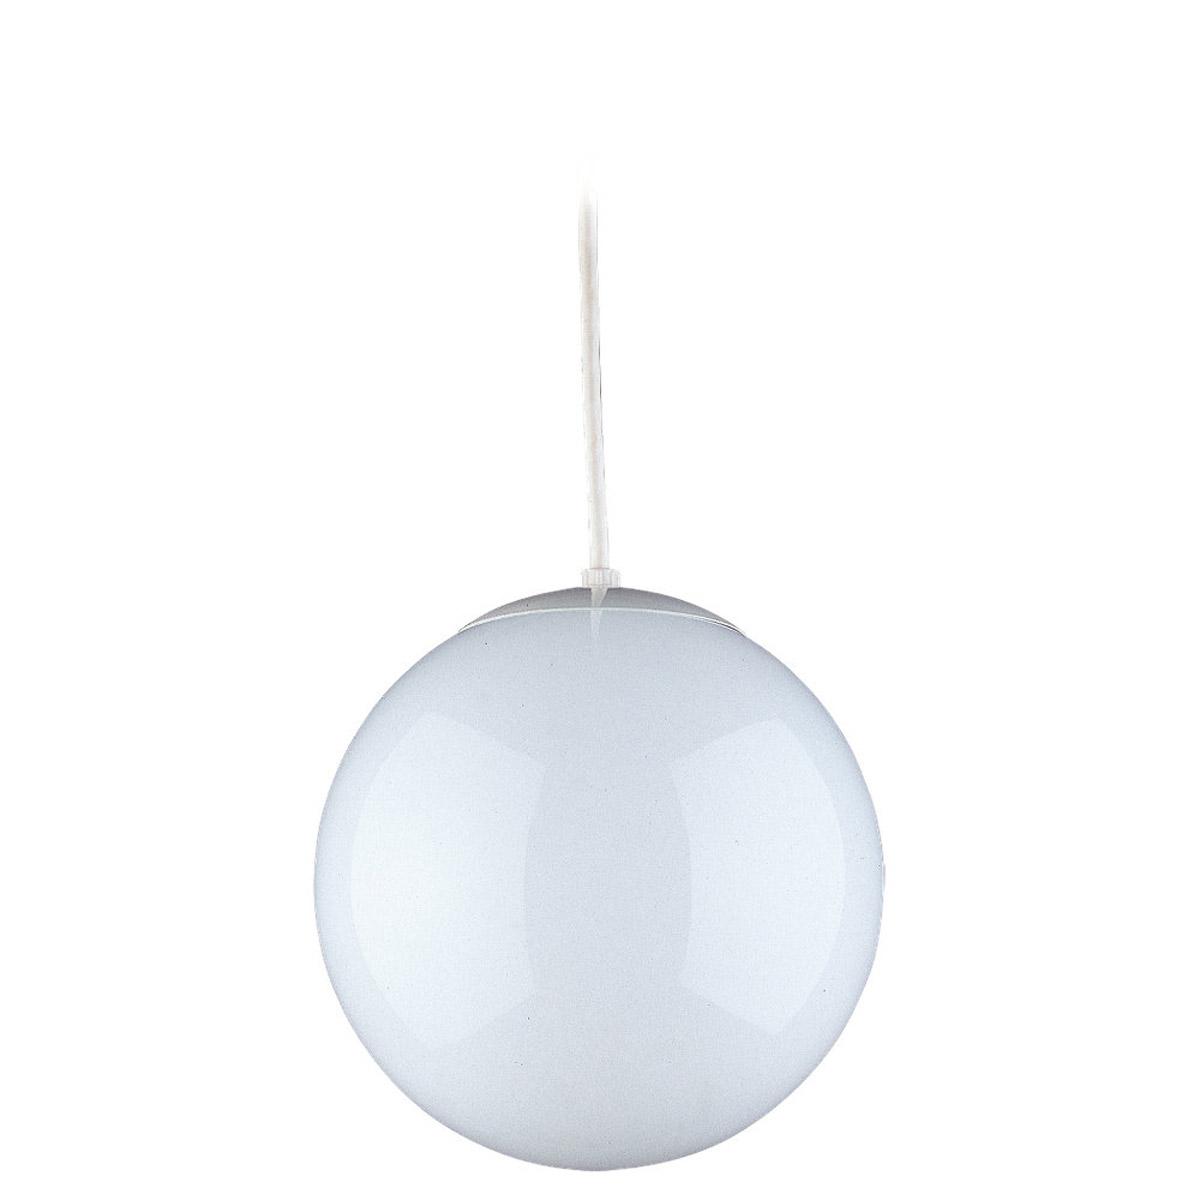 sea gull 6024 15 hanging globe 1 light 14 inch white pendant ceiling light